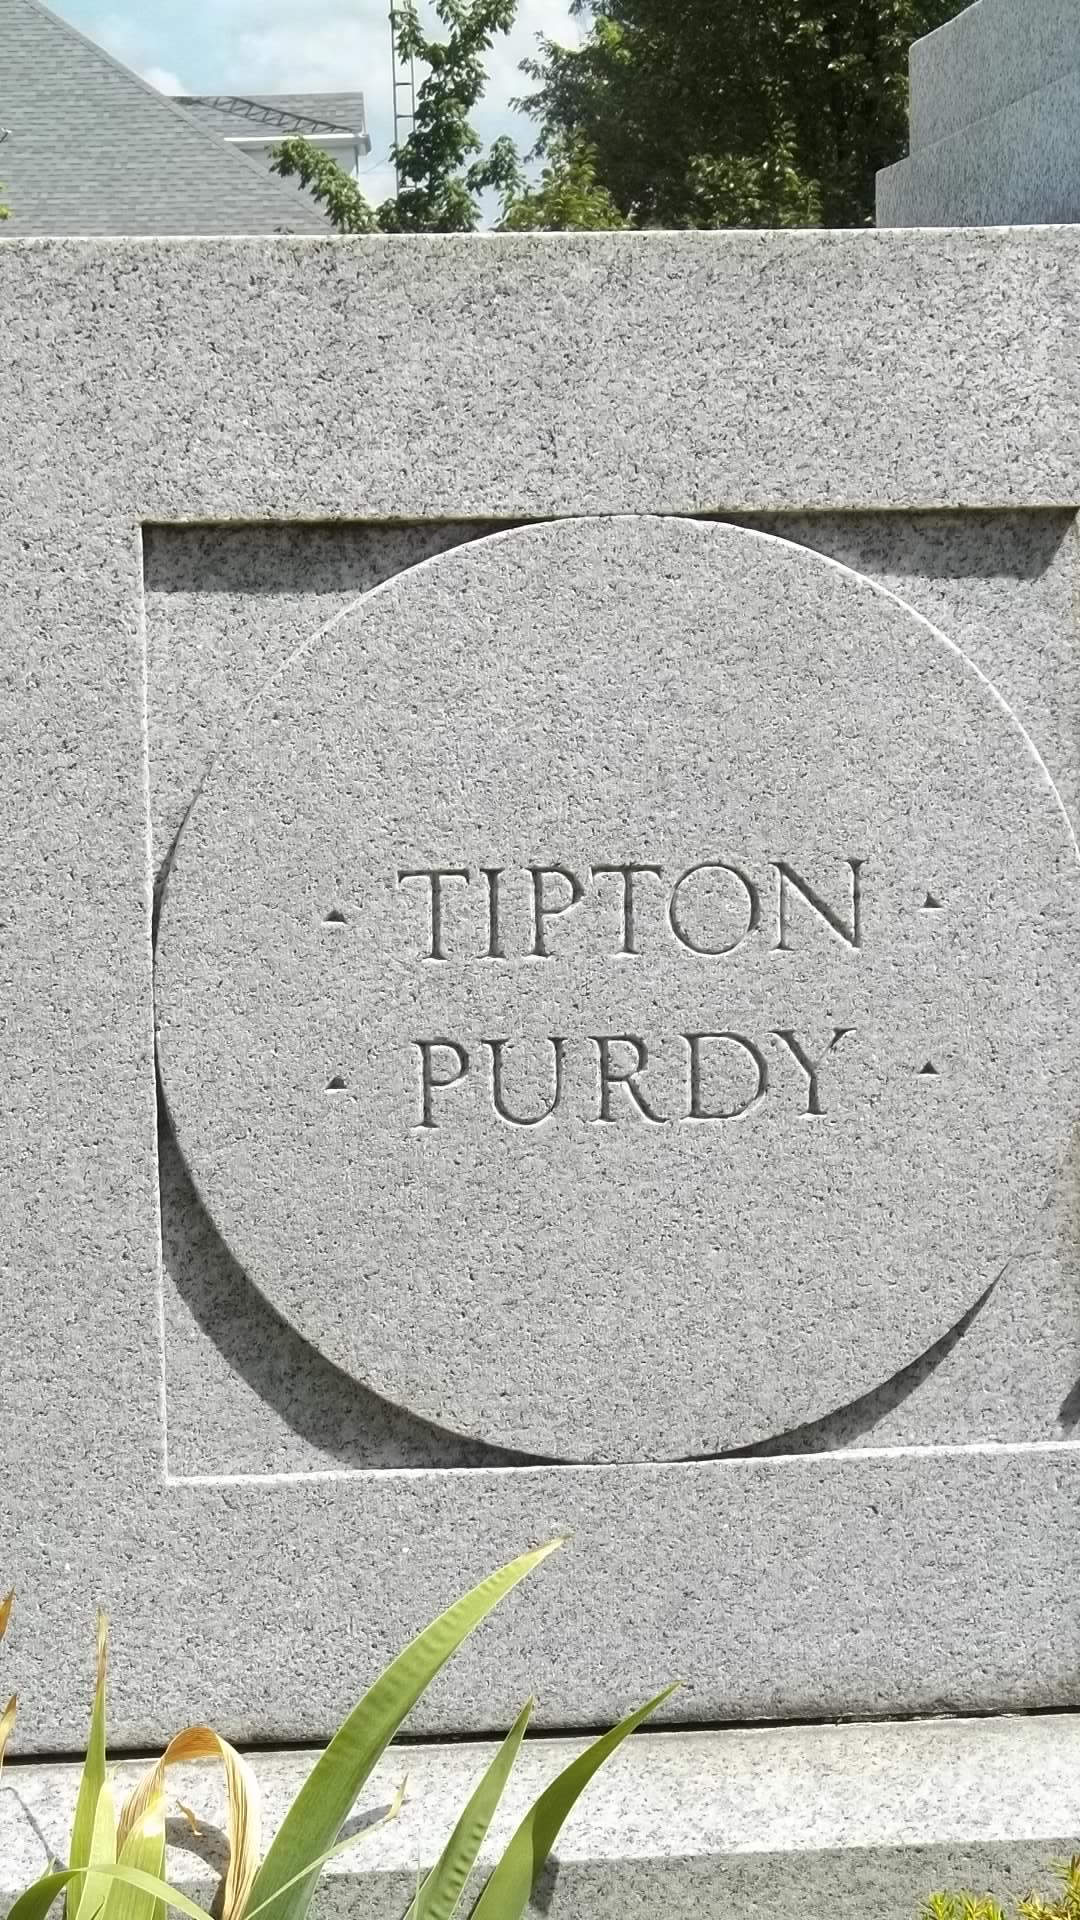 Solomon Tipton